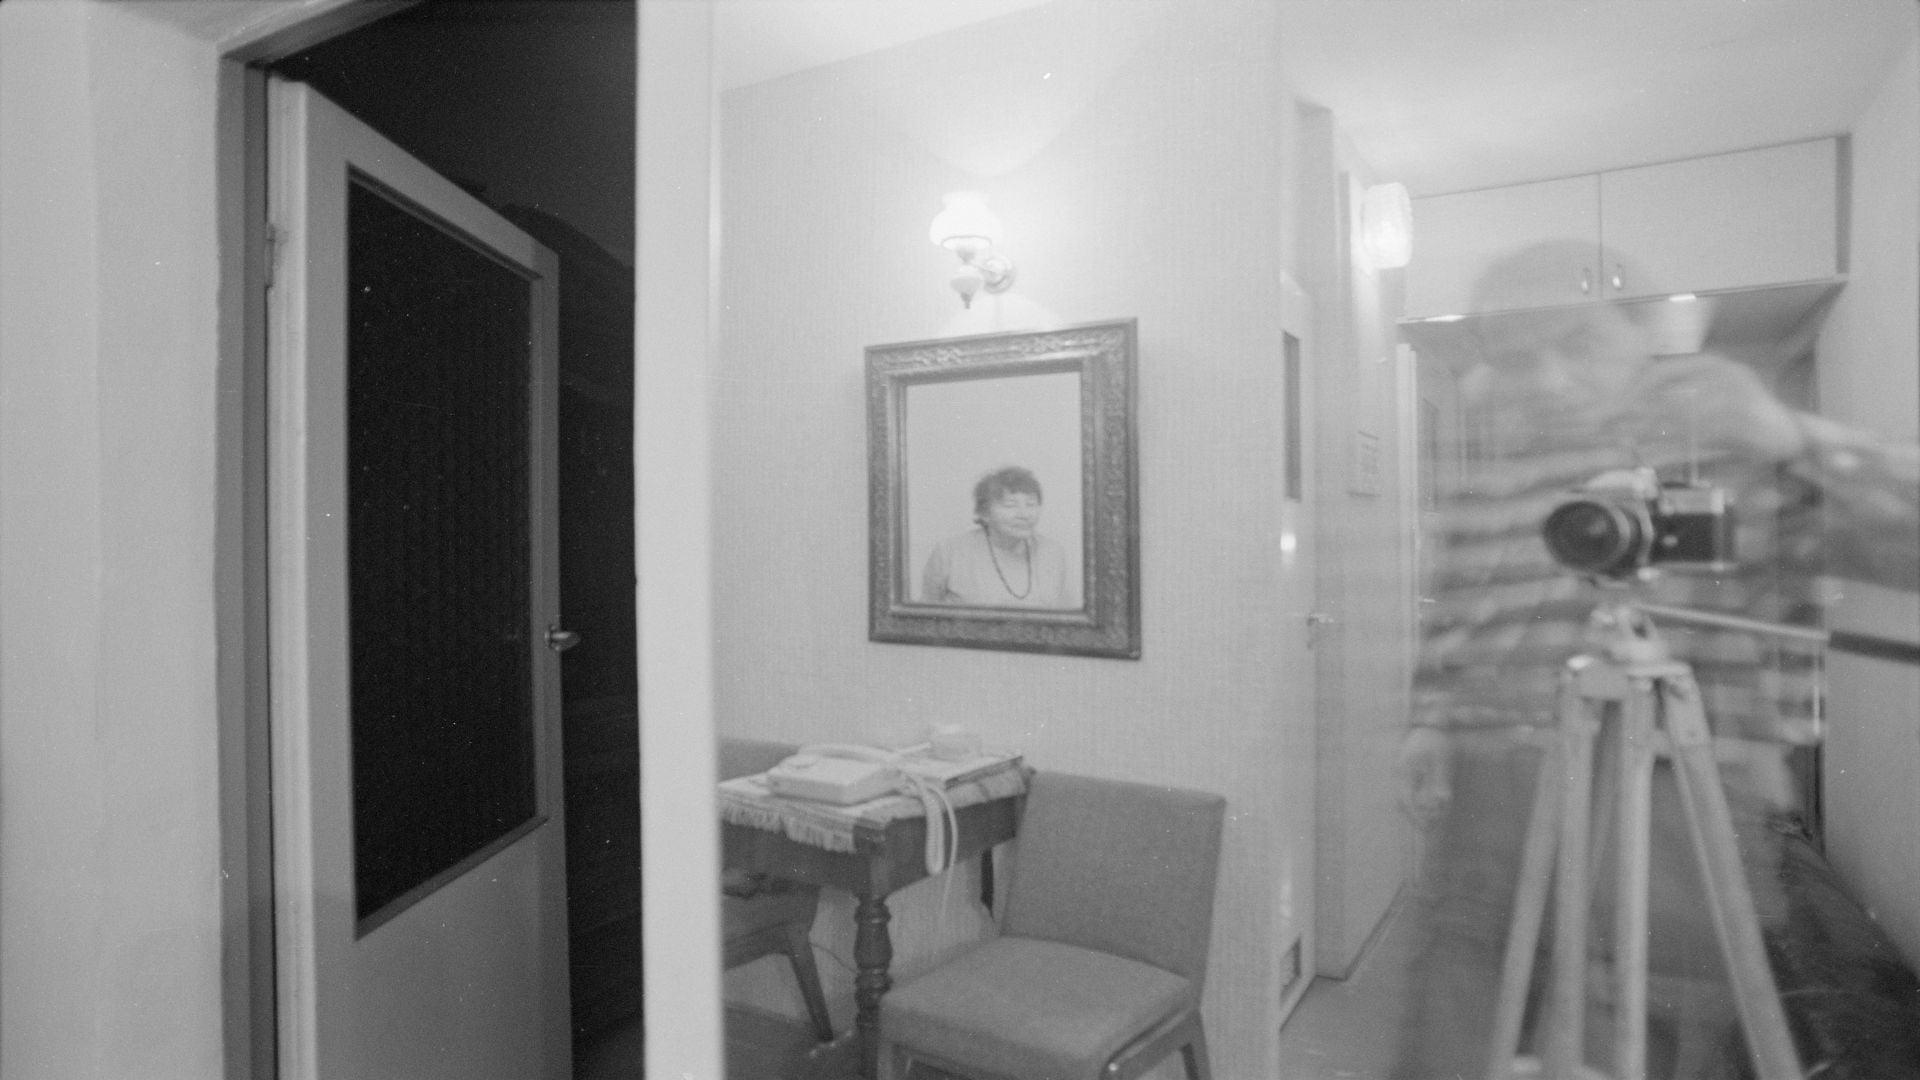 czarno-białe zdjęcie przedstawiające wnętrze domu. widoczny zarys osoby stojącej przy aparacie fotograficznym na statywie